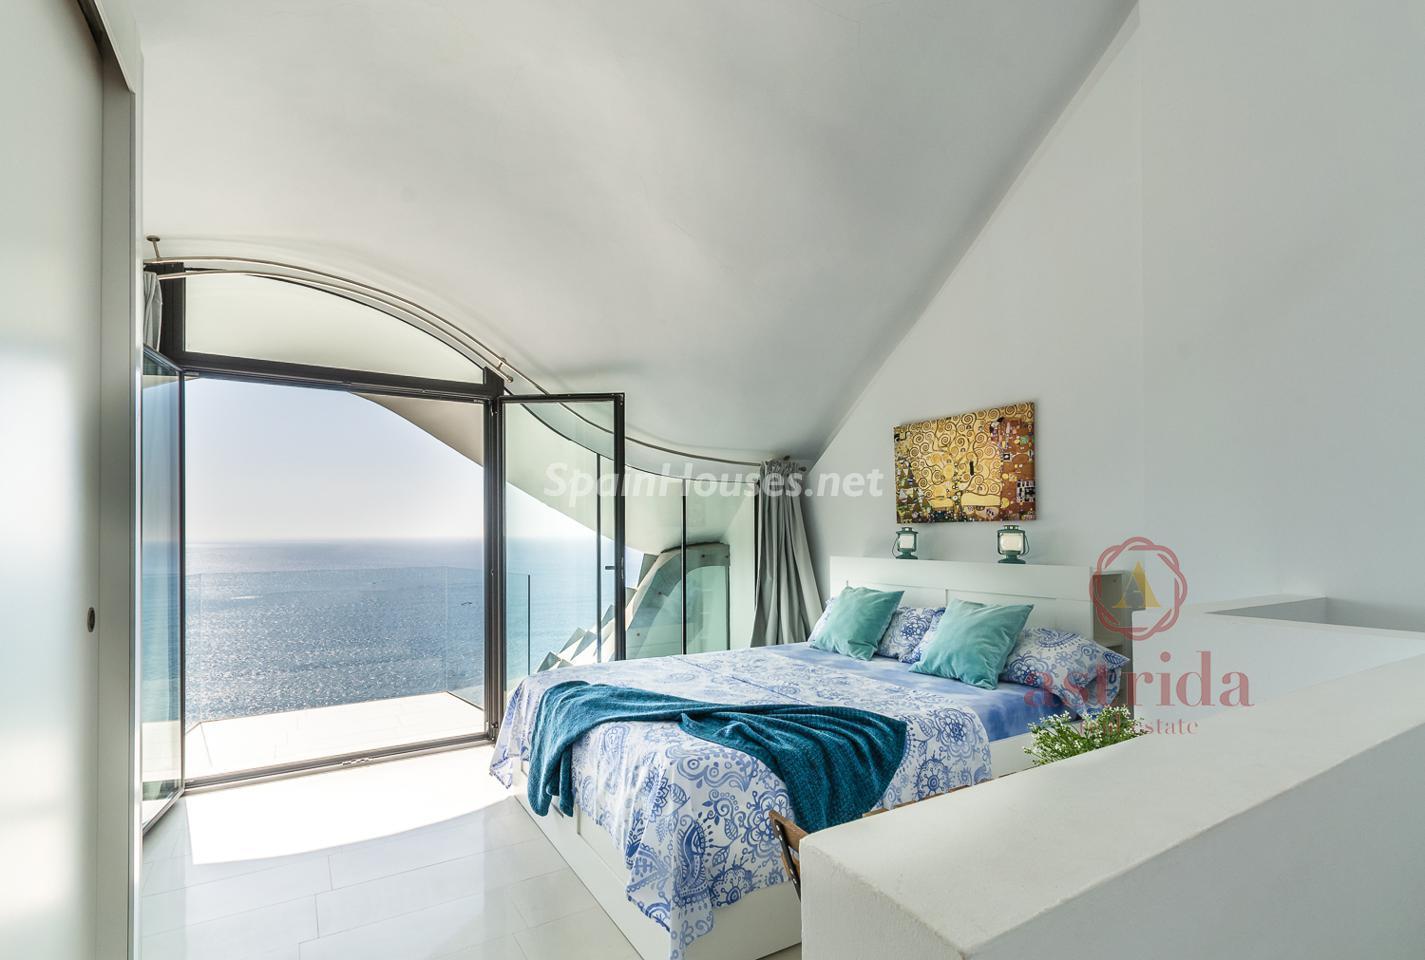 79220385 3090047 foto 843610 - Una casa cueva de estilo Gaudí frente al Mediterráneo